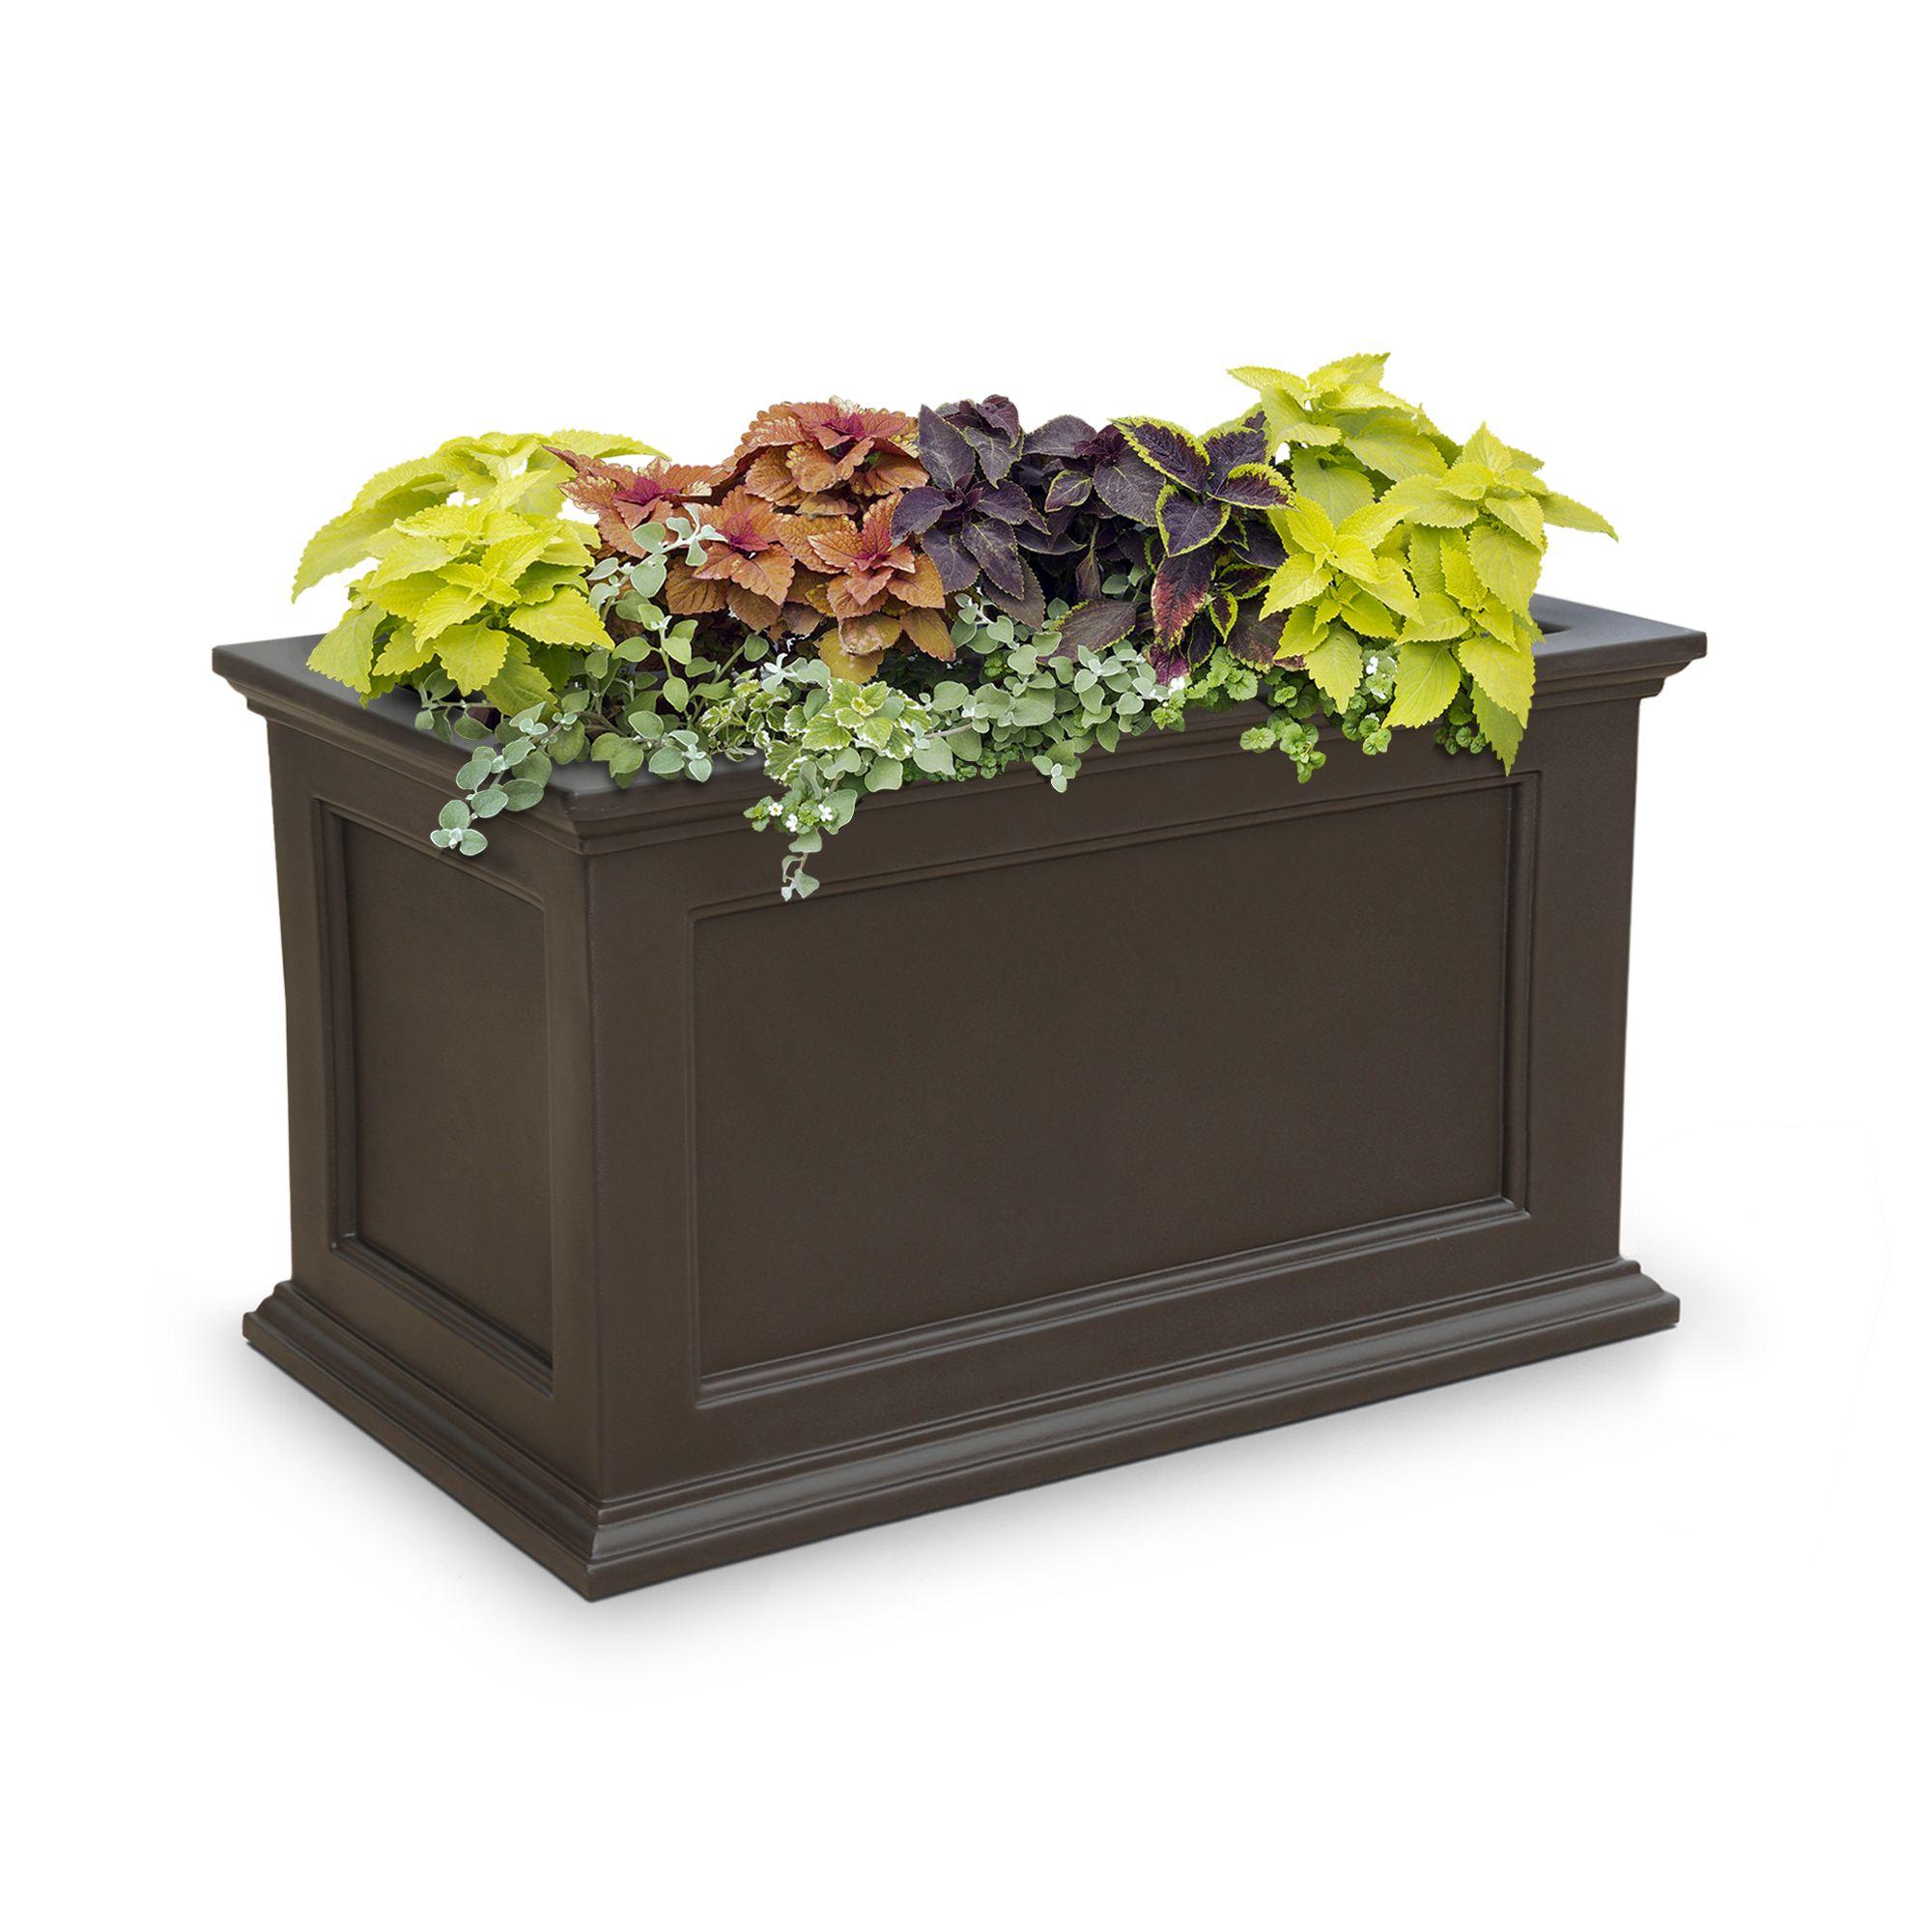 Fairfield patio planter 20 x 36 white